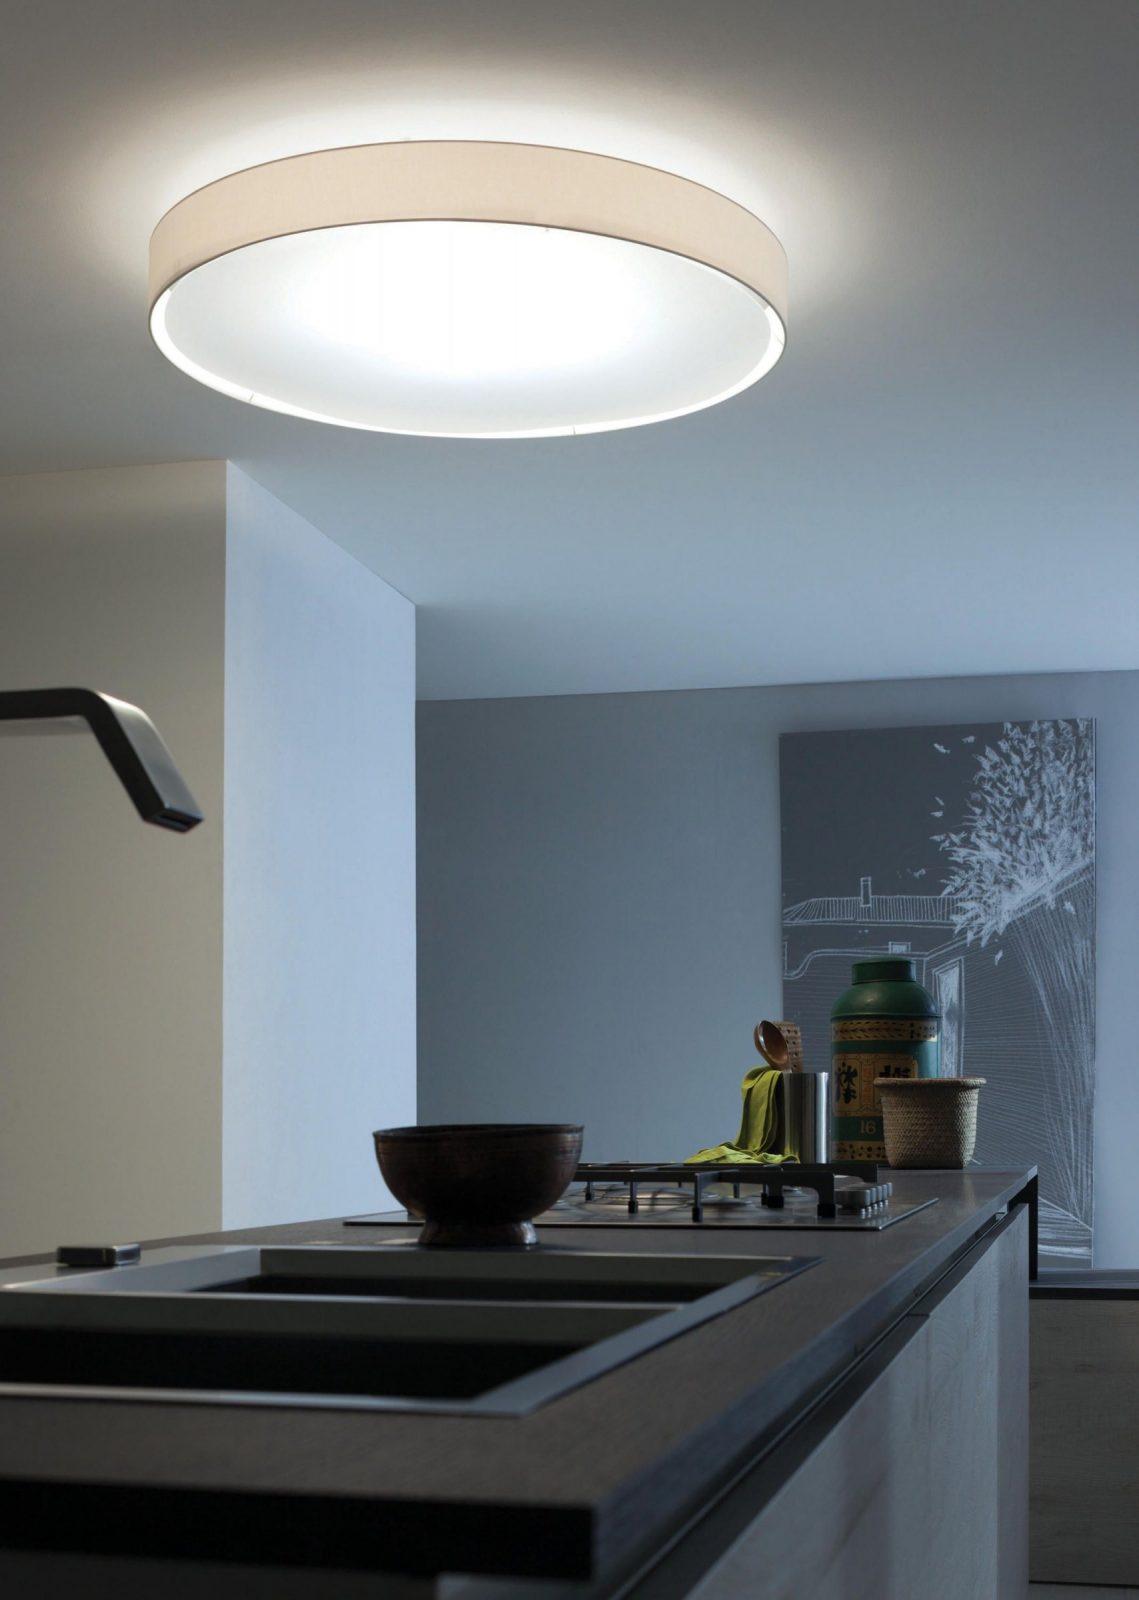 Mirya Deckenleuchte Von Lucente  Beleuchtung  Lampen Wohnzimmer von Moderne Deckenleuchten Für Wohnzimmer Photo